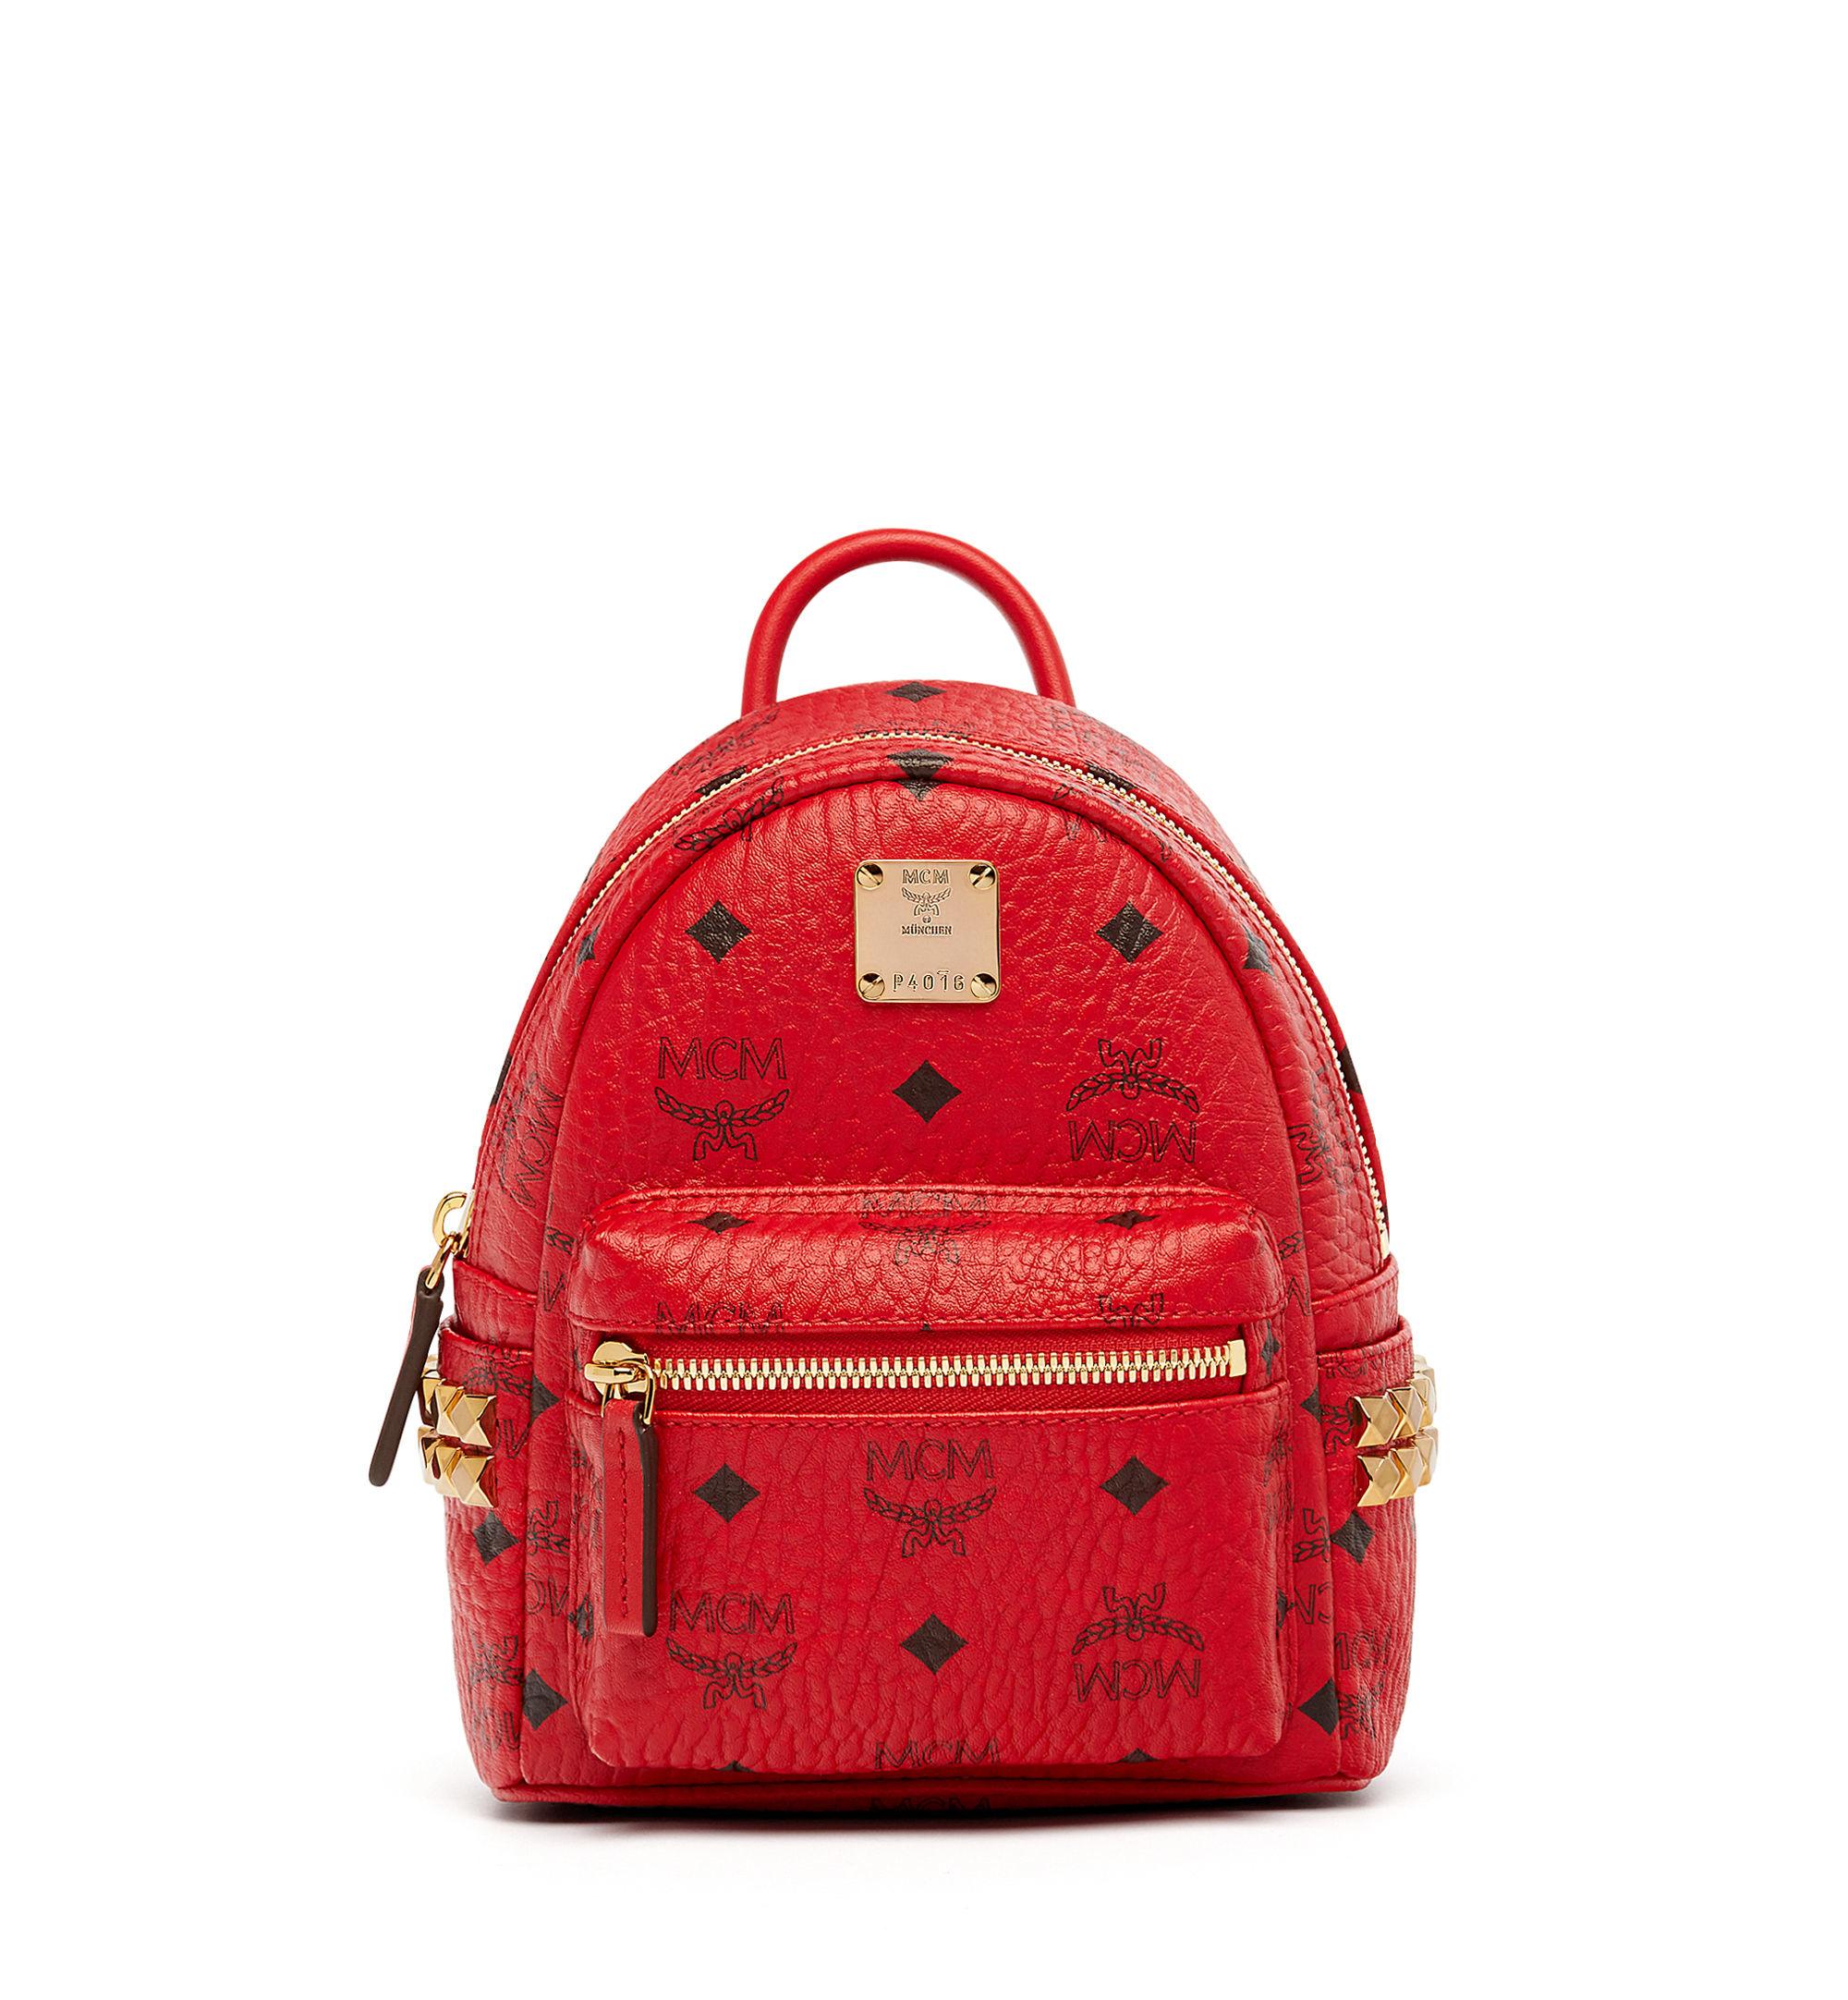 mcm polke studs backpack in multicolor save 15 lyst. Black Bedroom Furniture Sets. Home Design Ideas